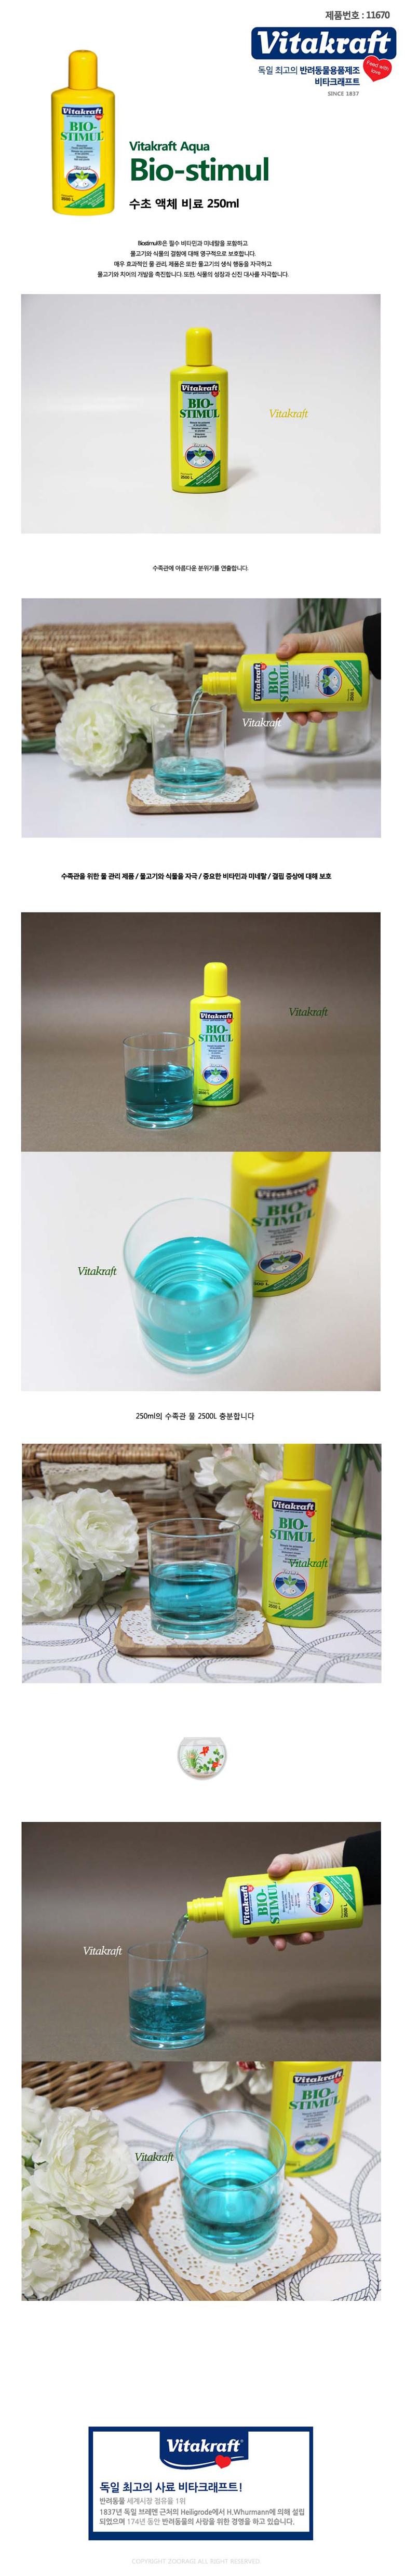 (비타크래프트)수조 액체 비료 250ml (수족관 물 관리 제품) -.jpg